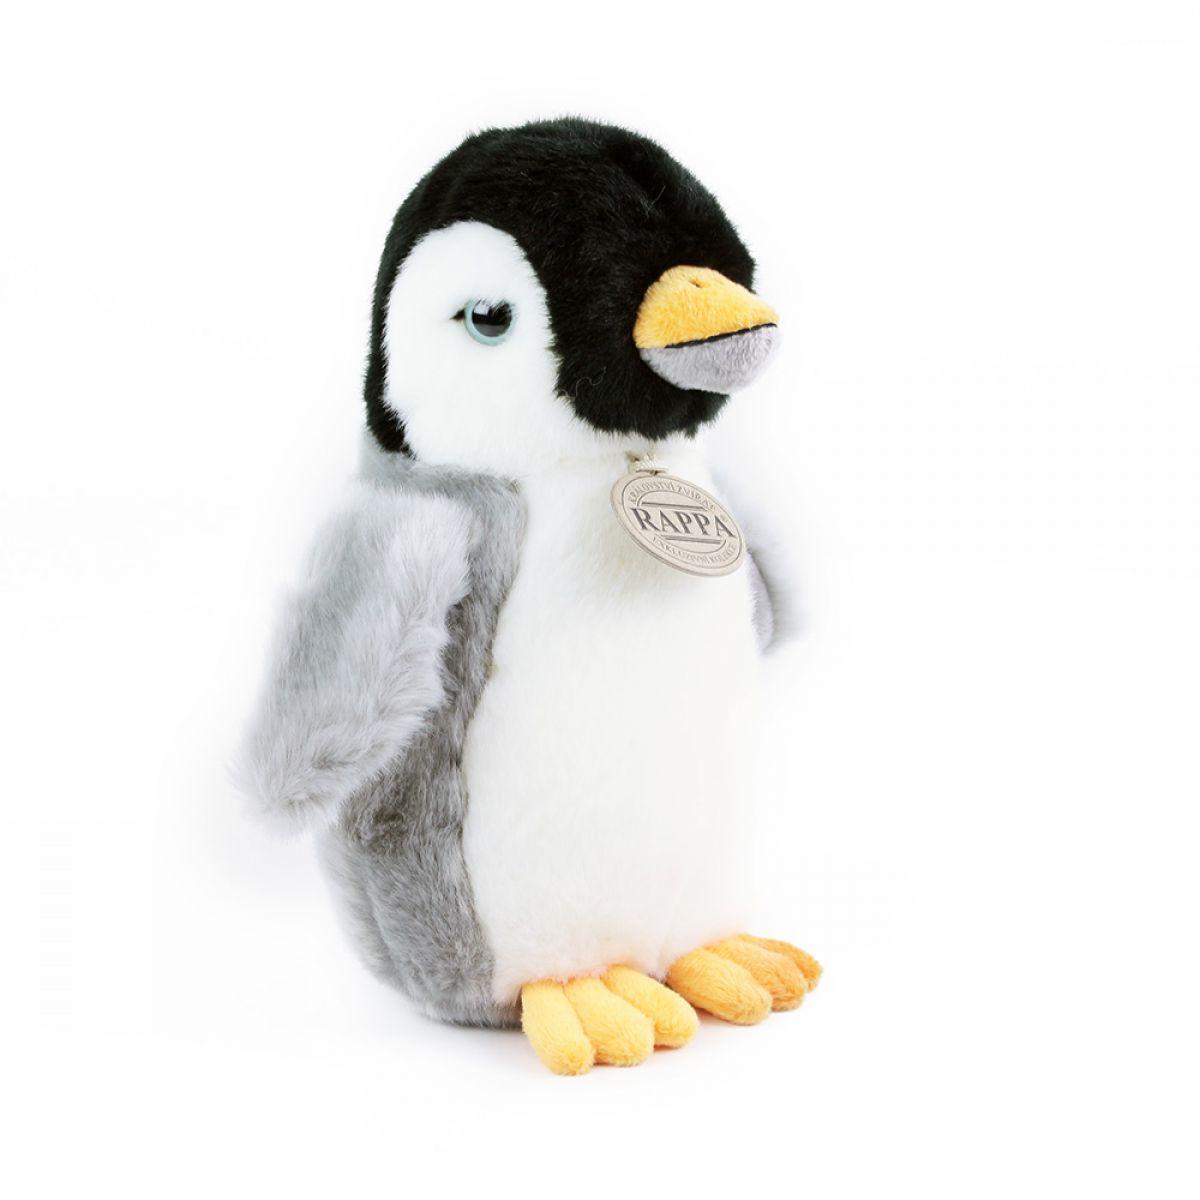 Rappa plyšový tučňák stojící 20 cm